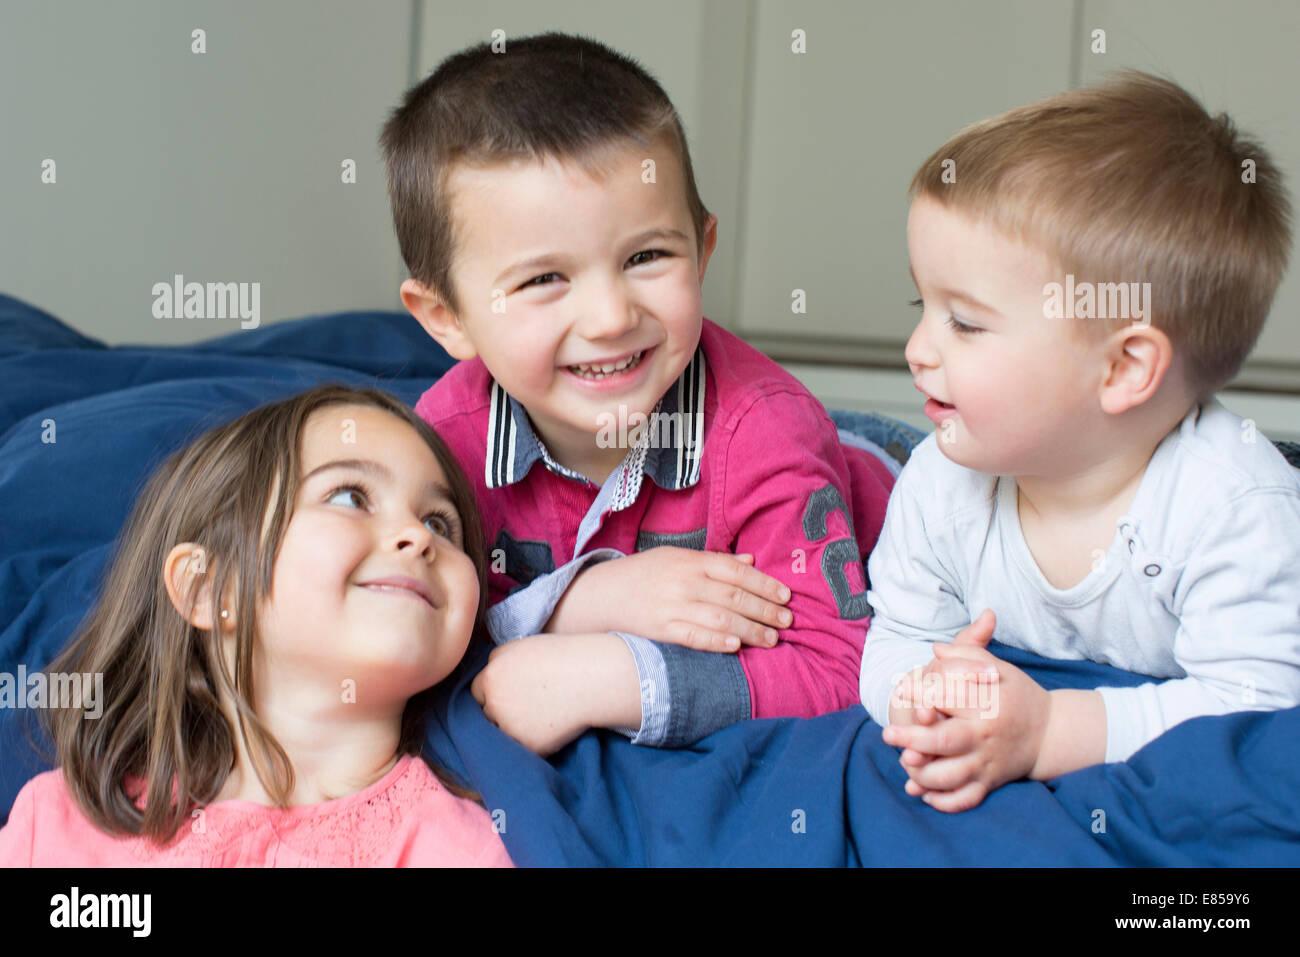 Junge Geschwister gemeinsam entspannen auf Bett Stockfoto